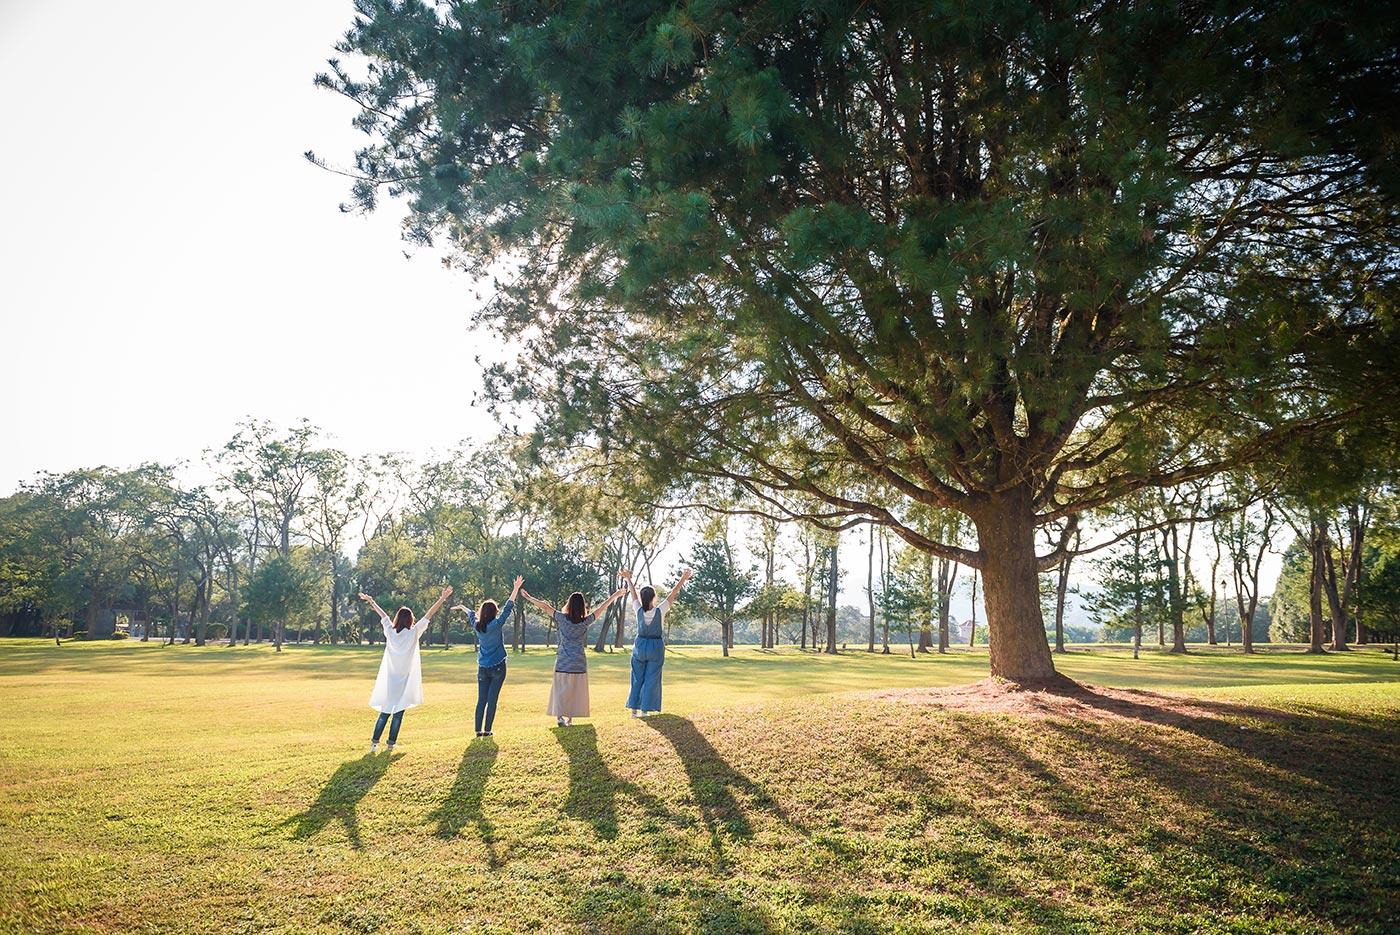 親子旅遊攝影 旅遊寫真 閨蜜寫真 三育基督學院 大樹下光影